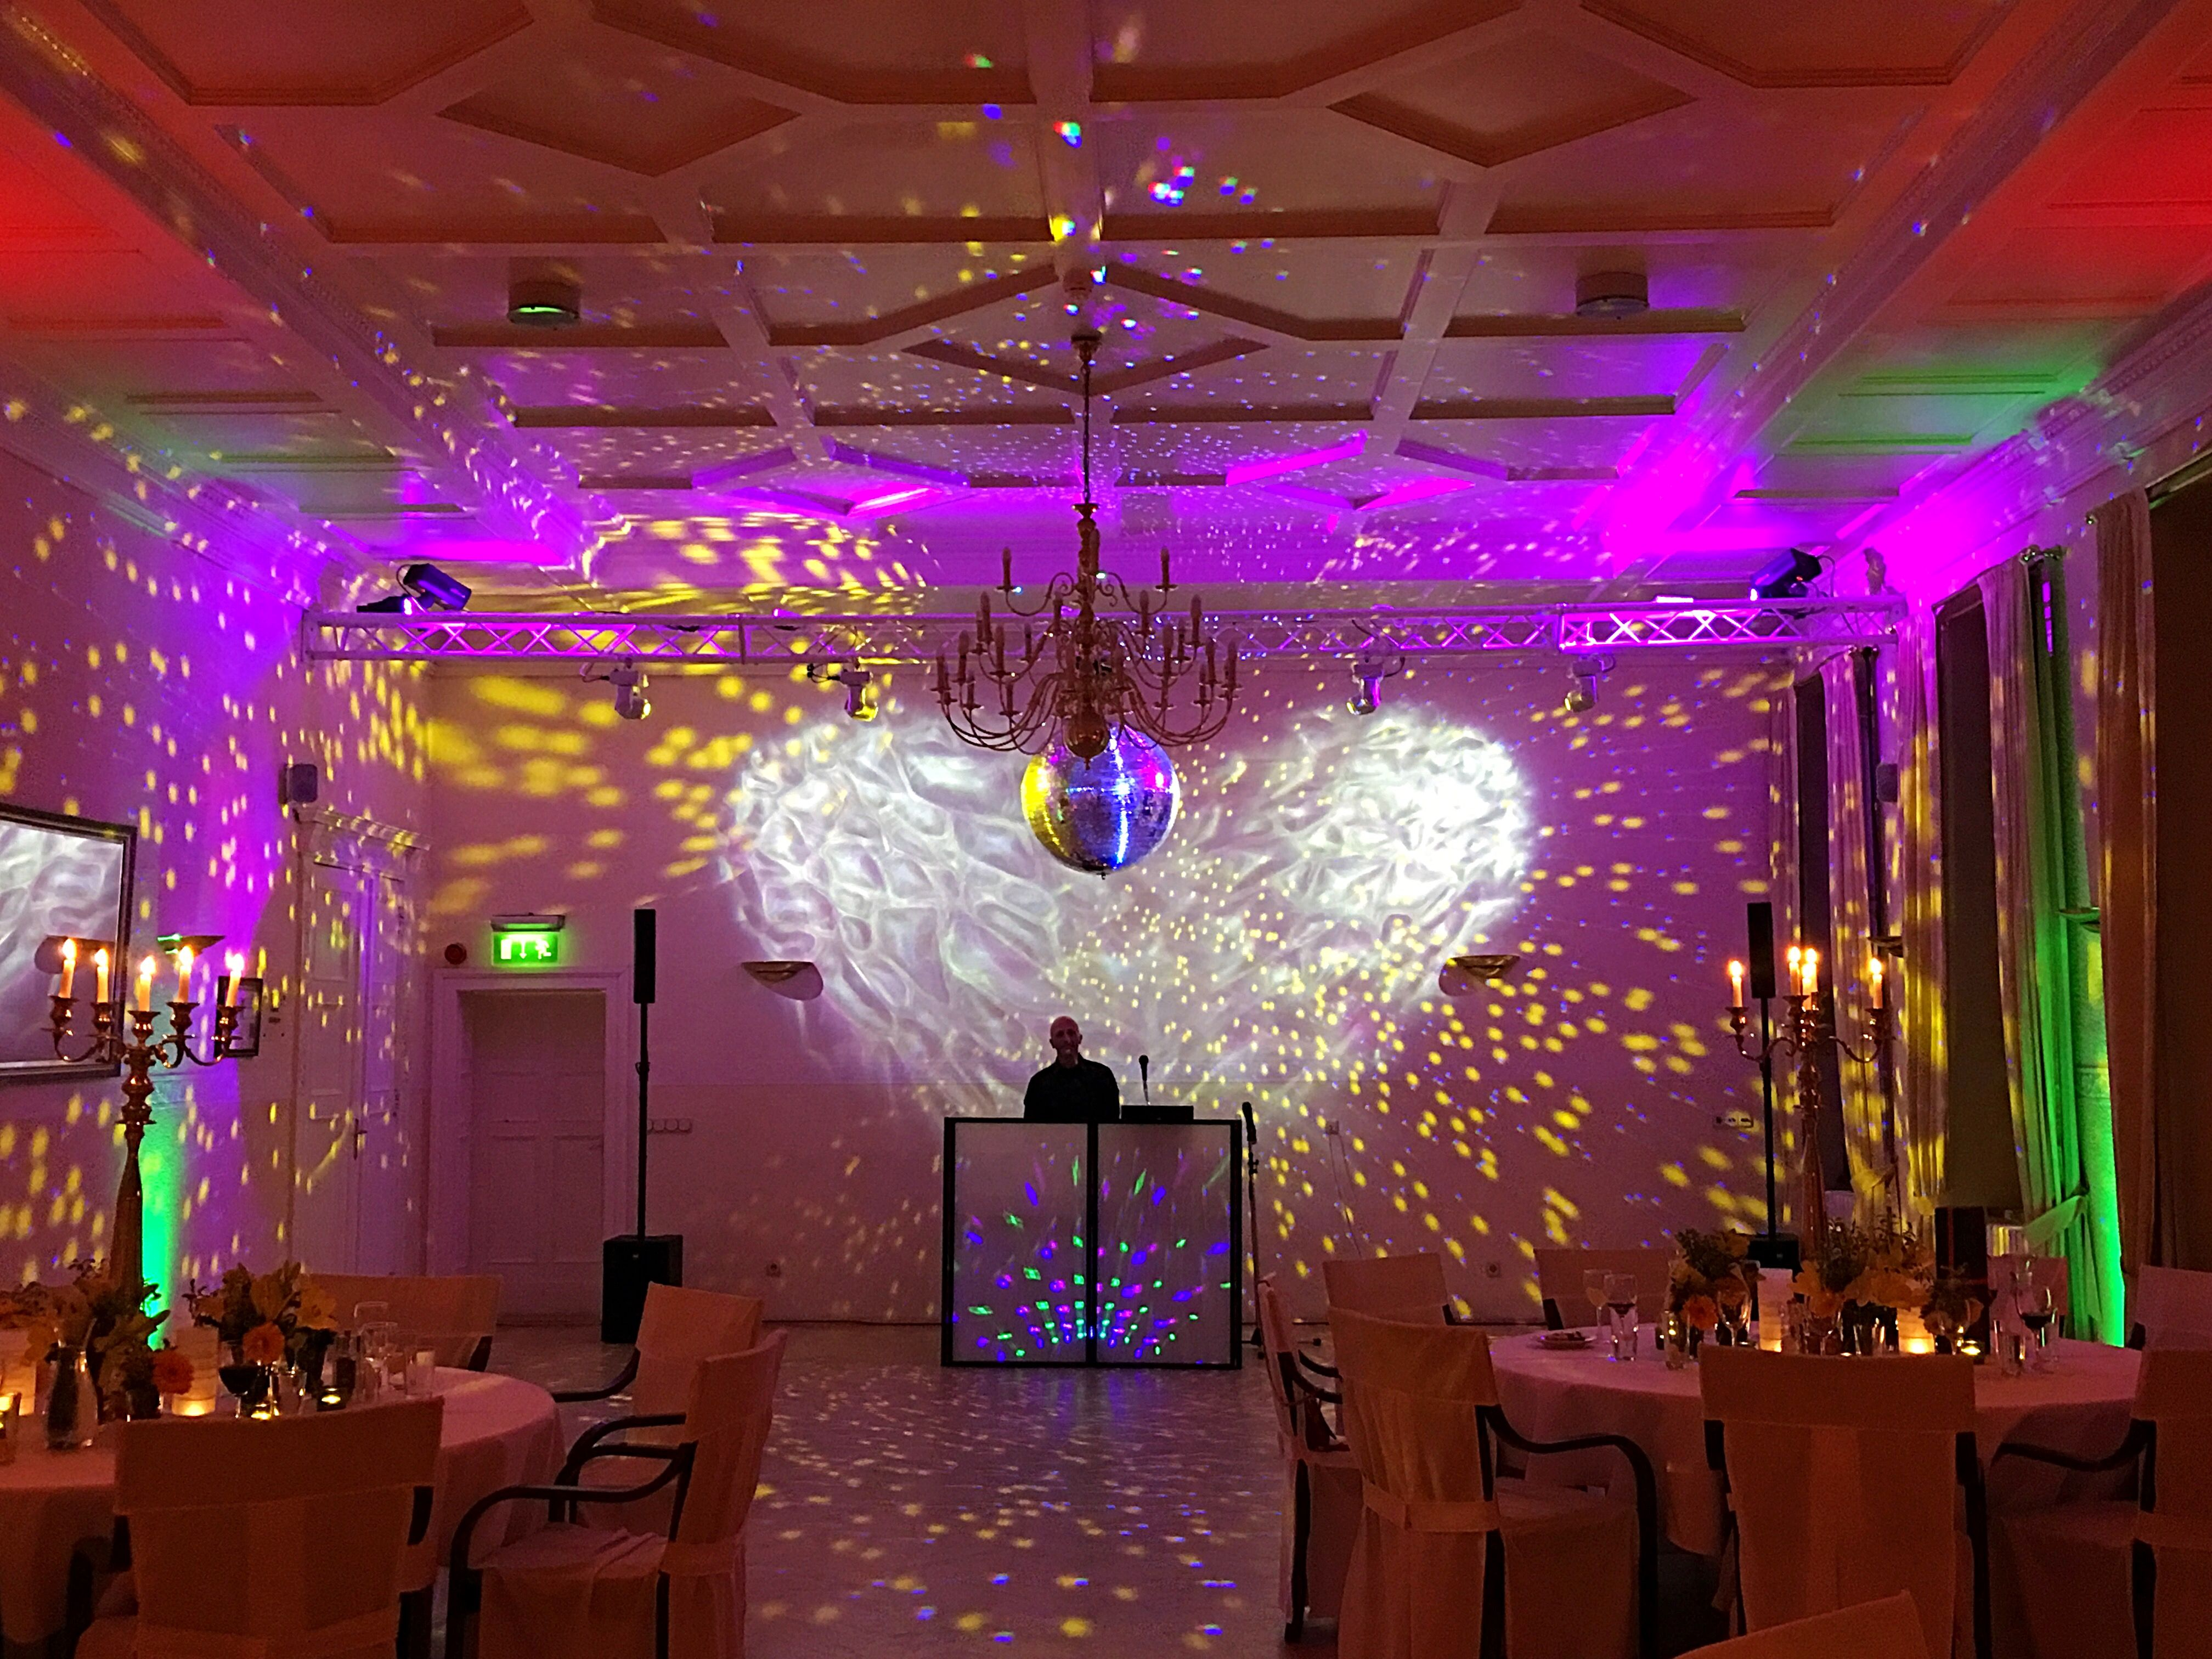 Die Geburtstagsparty Kann Steigen Wir Wunschen Dem Geburtstagskind Alles Erdenklich Gute Und Nun Lasst Die Tanzflache Hochzeit Hotel Hochzeit Braut Brautigam